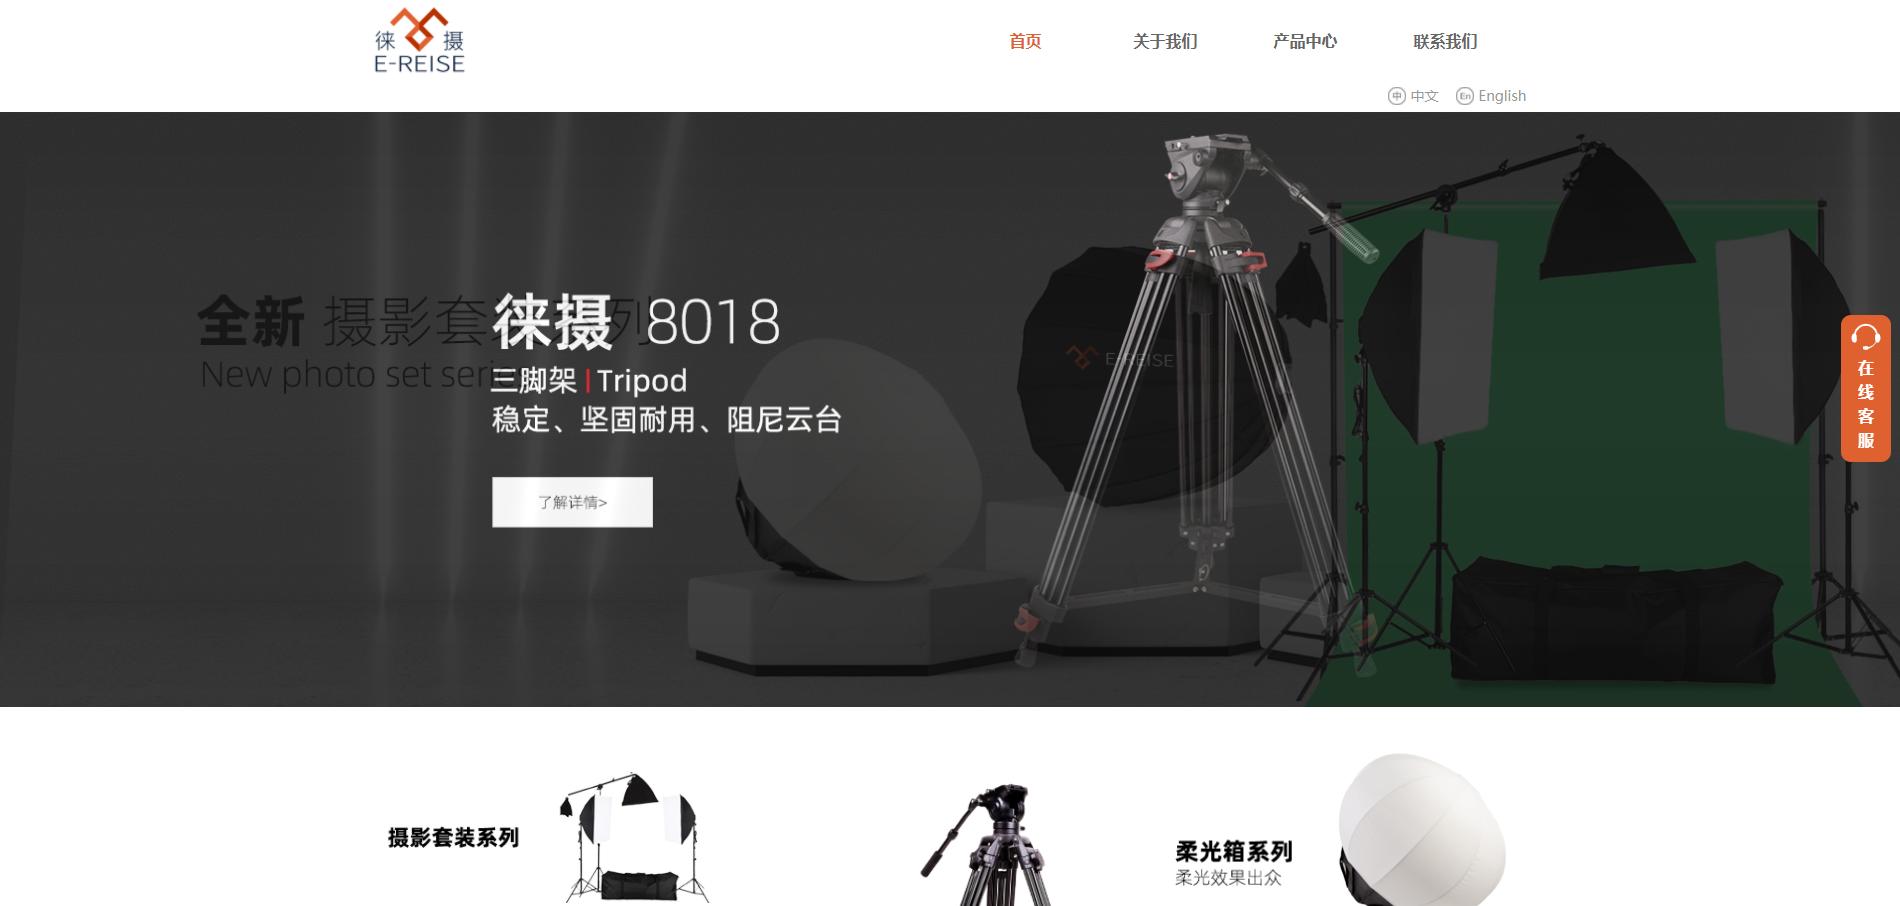 宁波市徕摄摄影器材有限公司